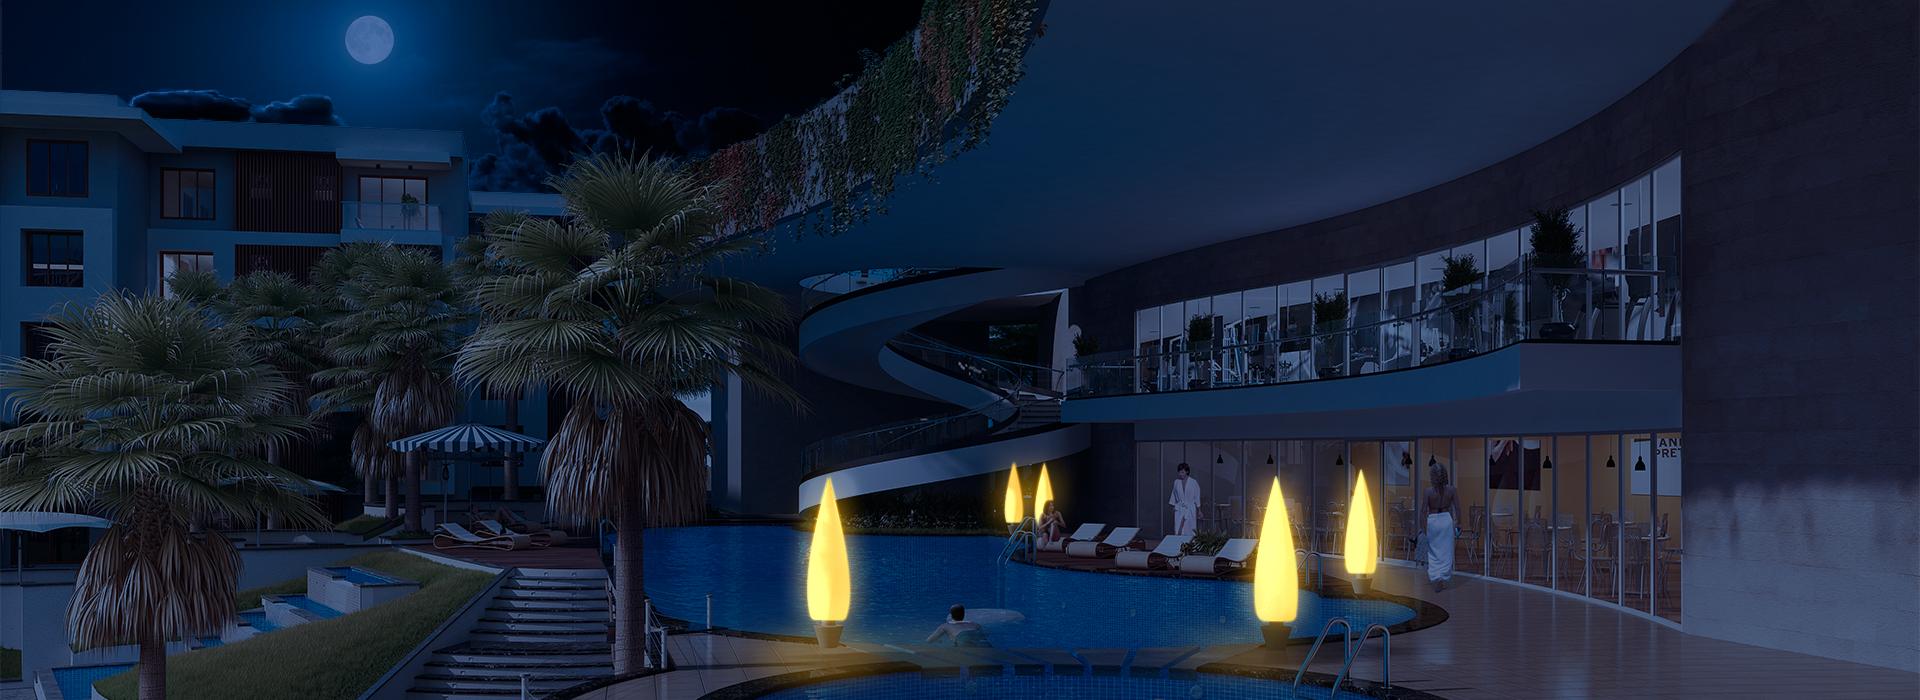 2 BHK Premium Apartments